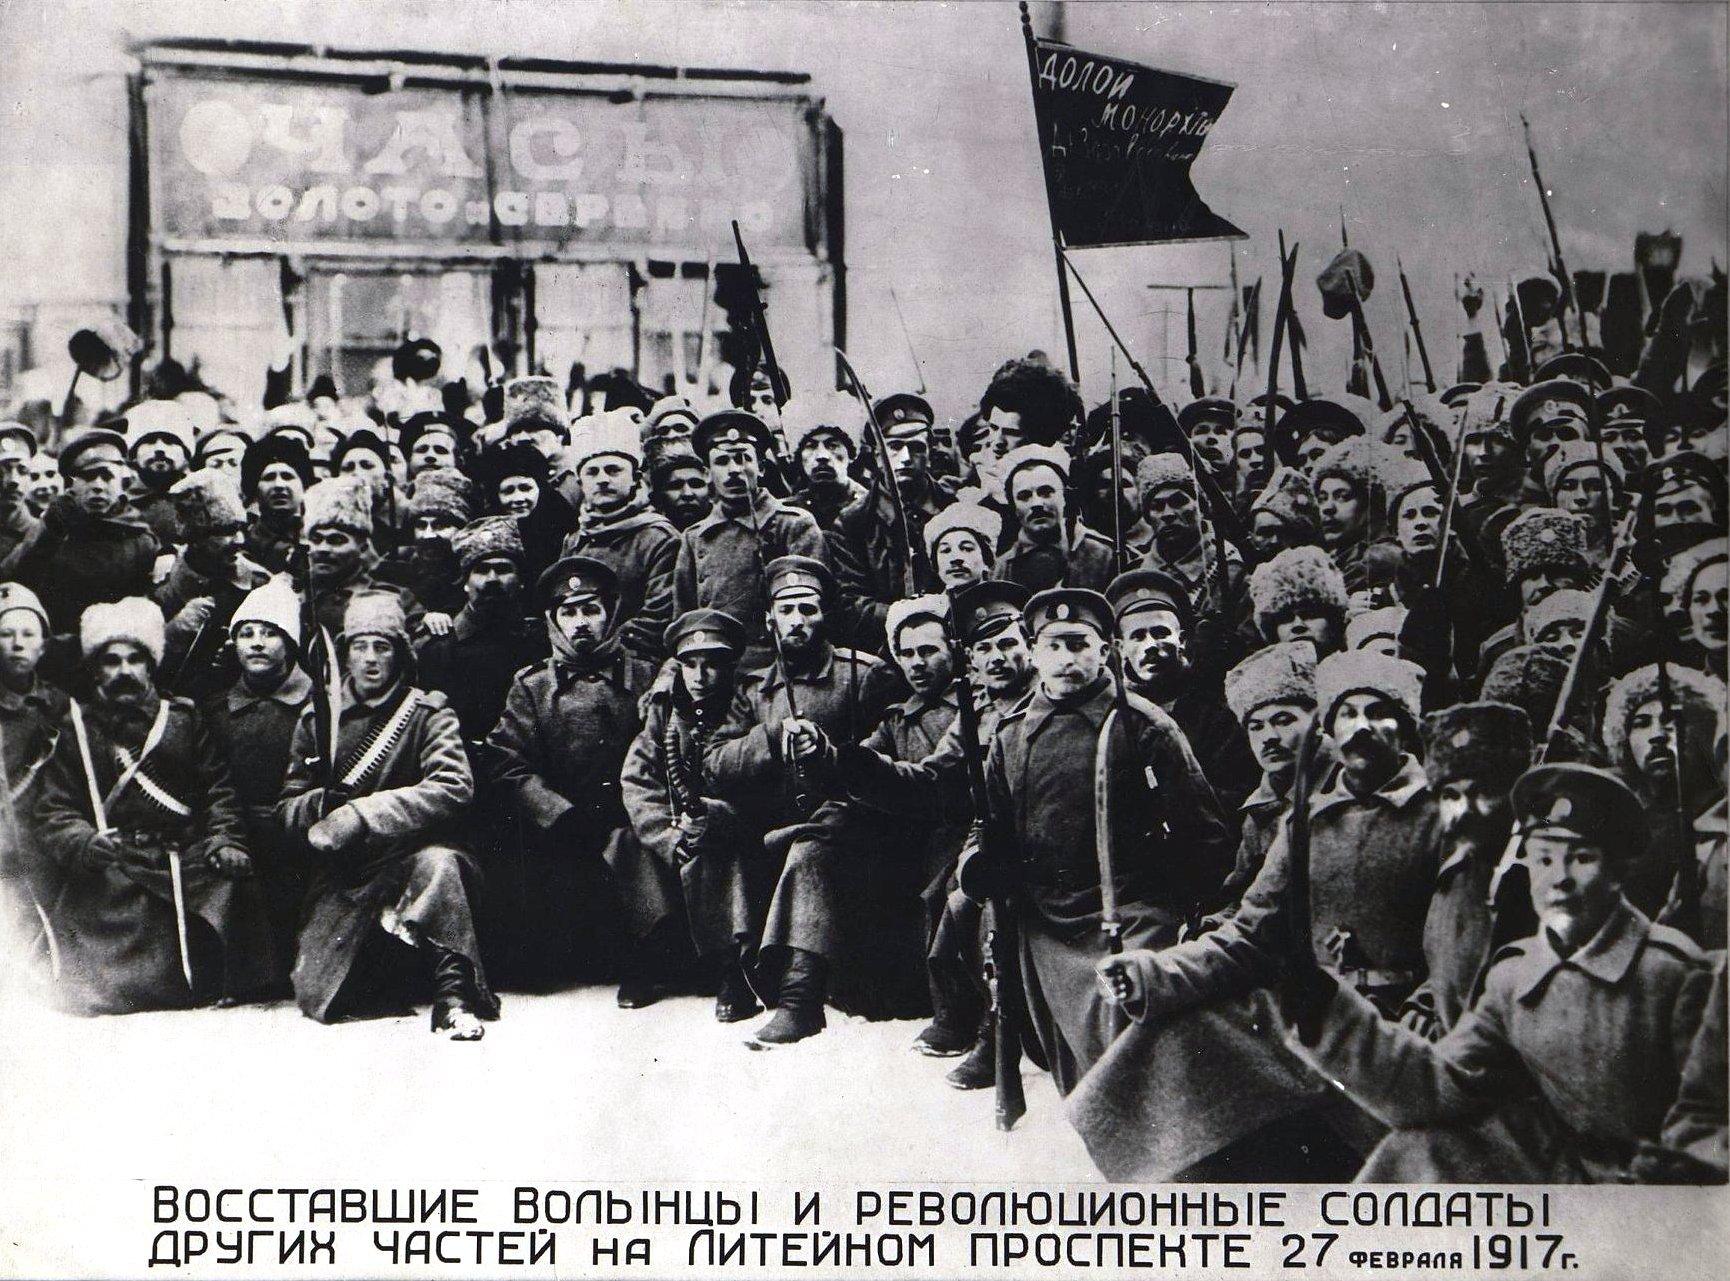 02. 27 февраля. Восставшие волынцы и революционные солдаты других частей на Литейном проспекте